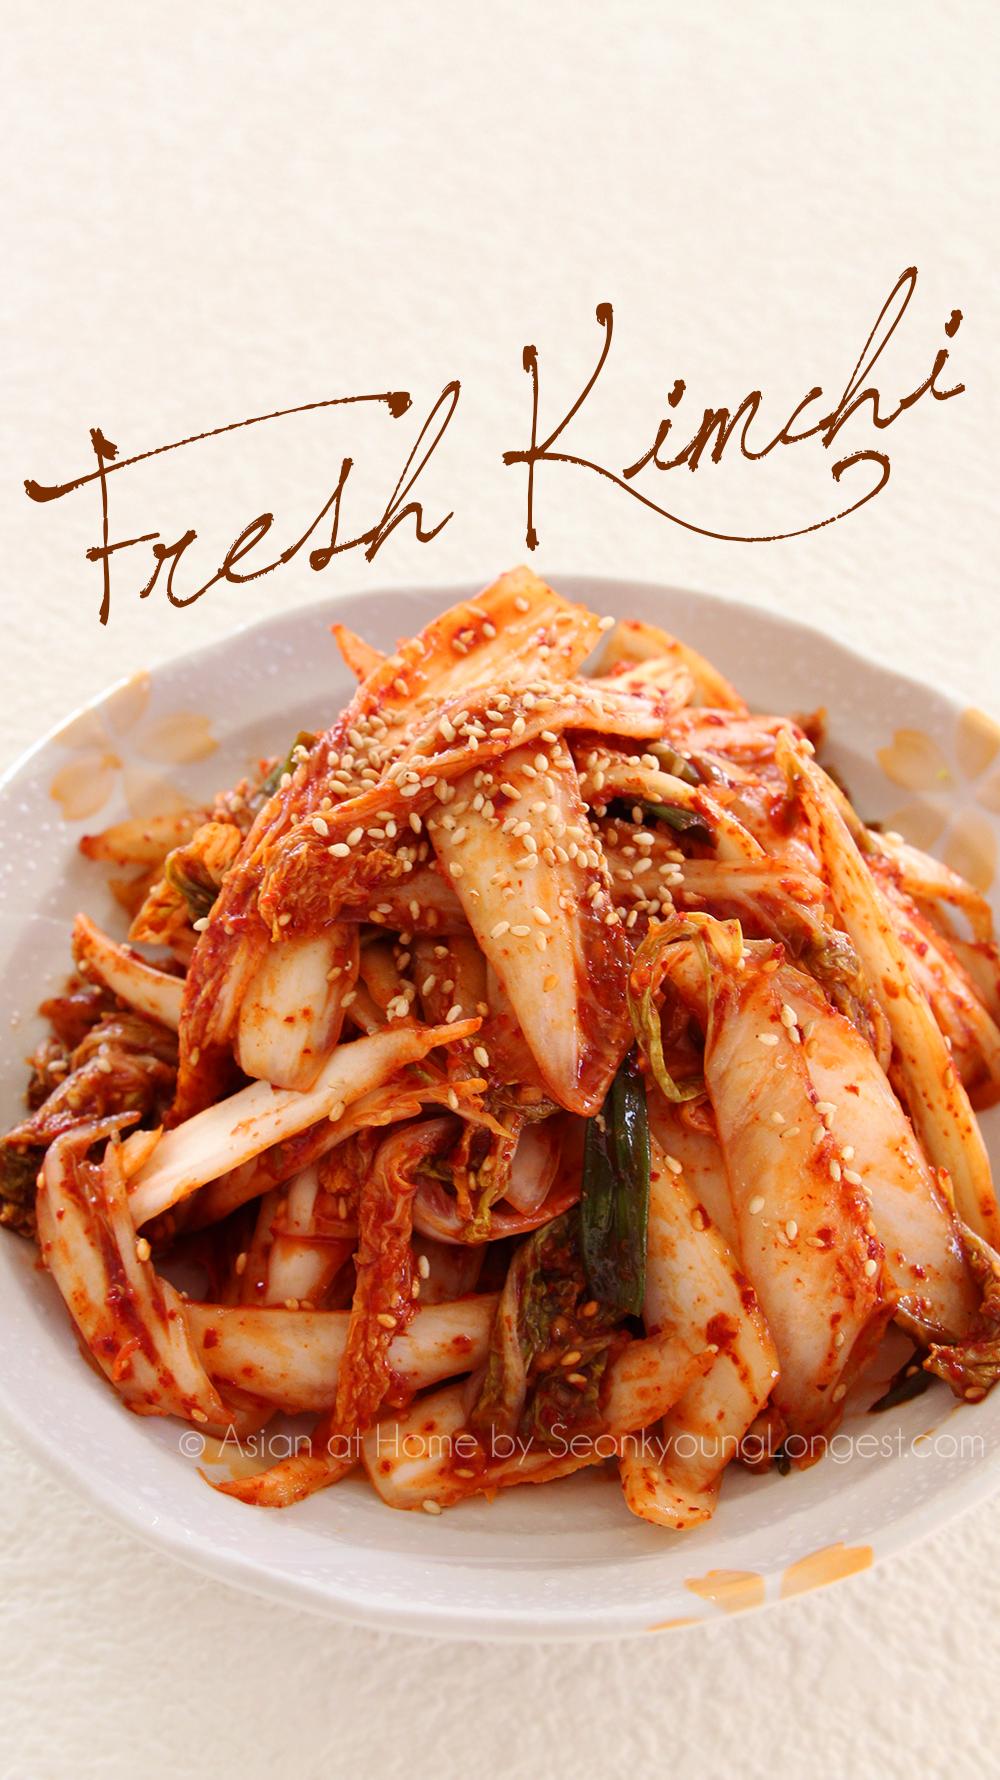 Korean Kimchi Manufacturer Mail: Instant Kimchi Recipe : Geot-Jeori : Korean Fresh Kimchi